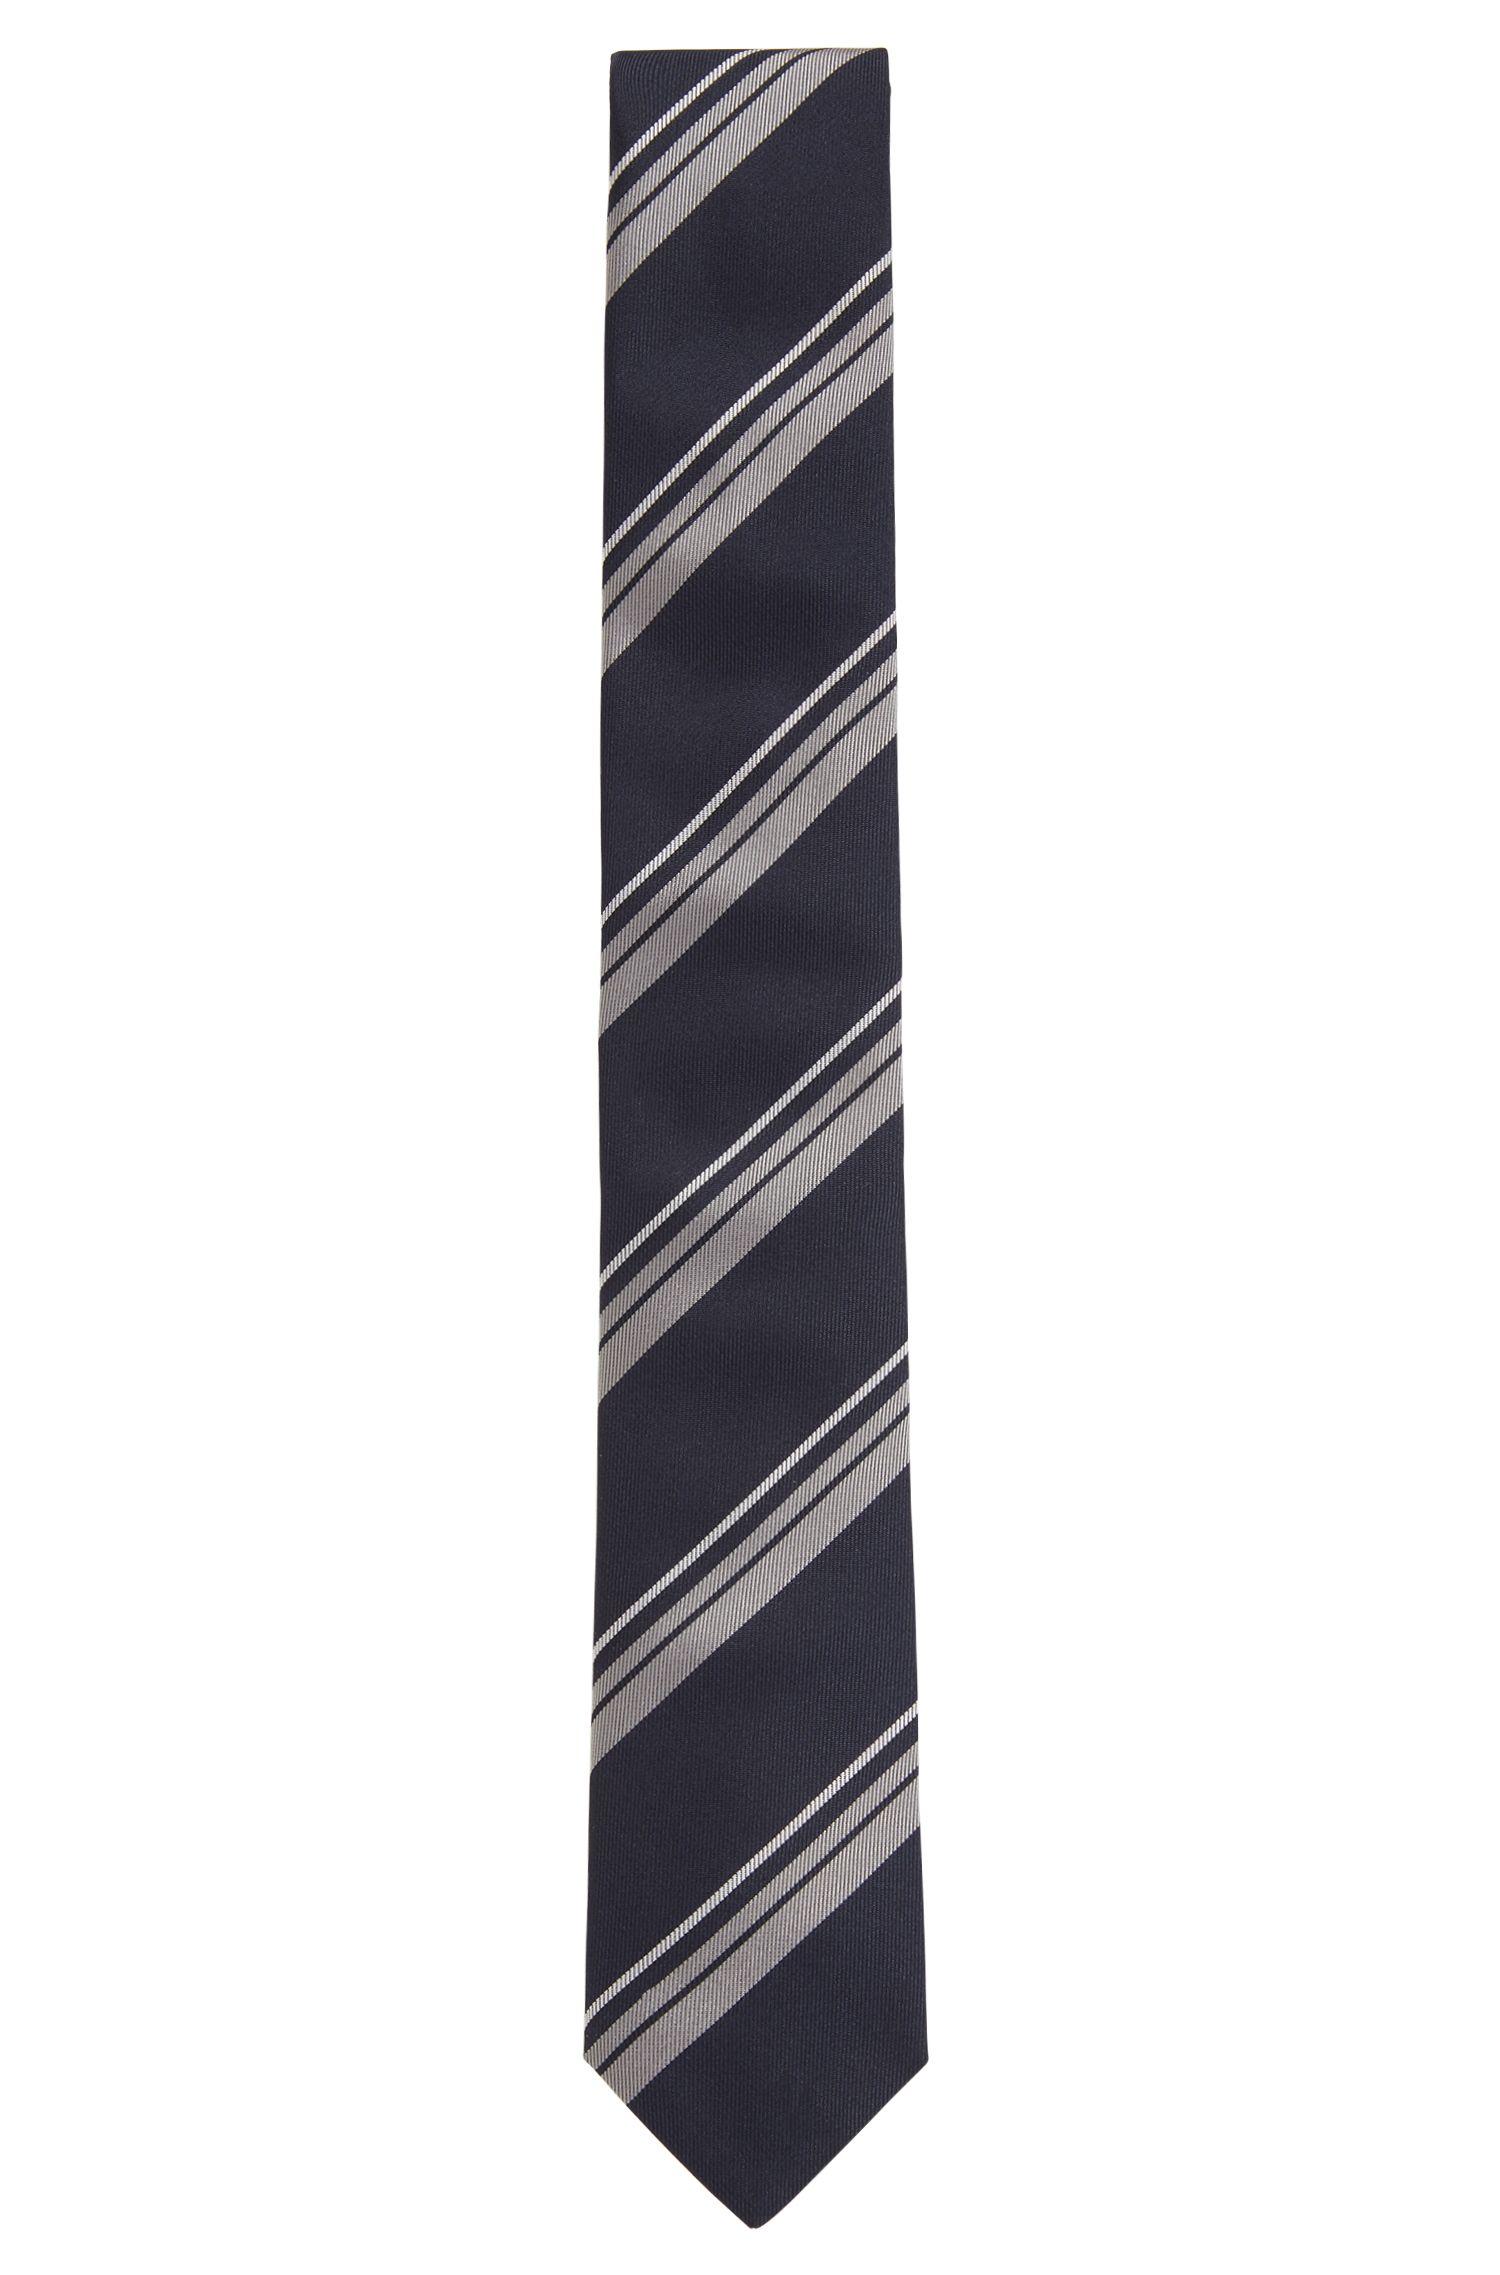 Handgemachte Krawatte aus Seiden-Jacquard mit diagonalen Streifen, Blau